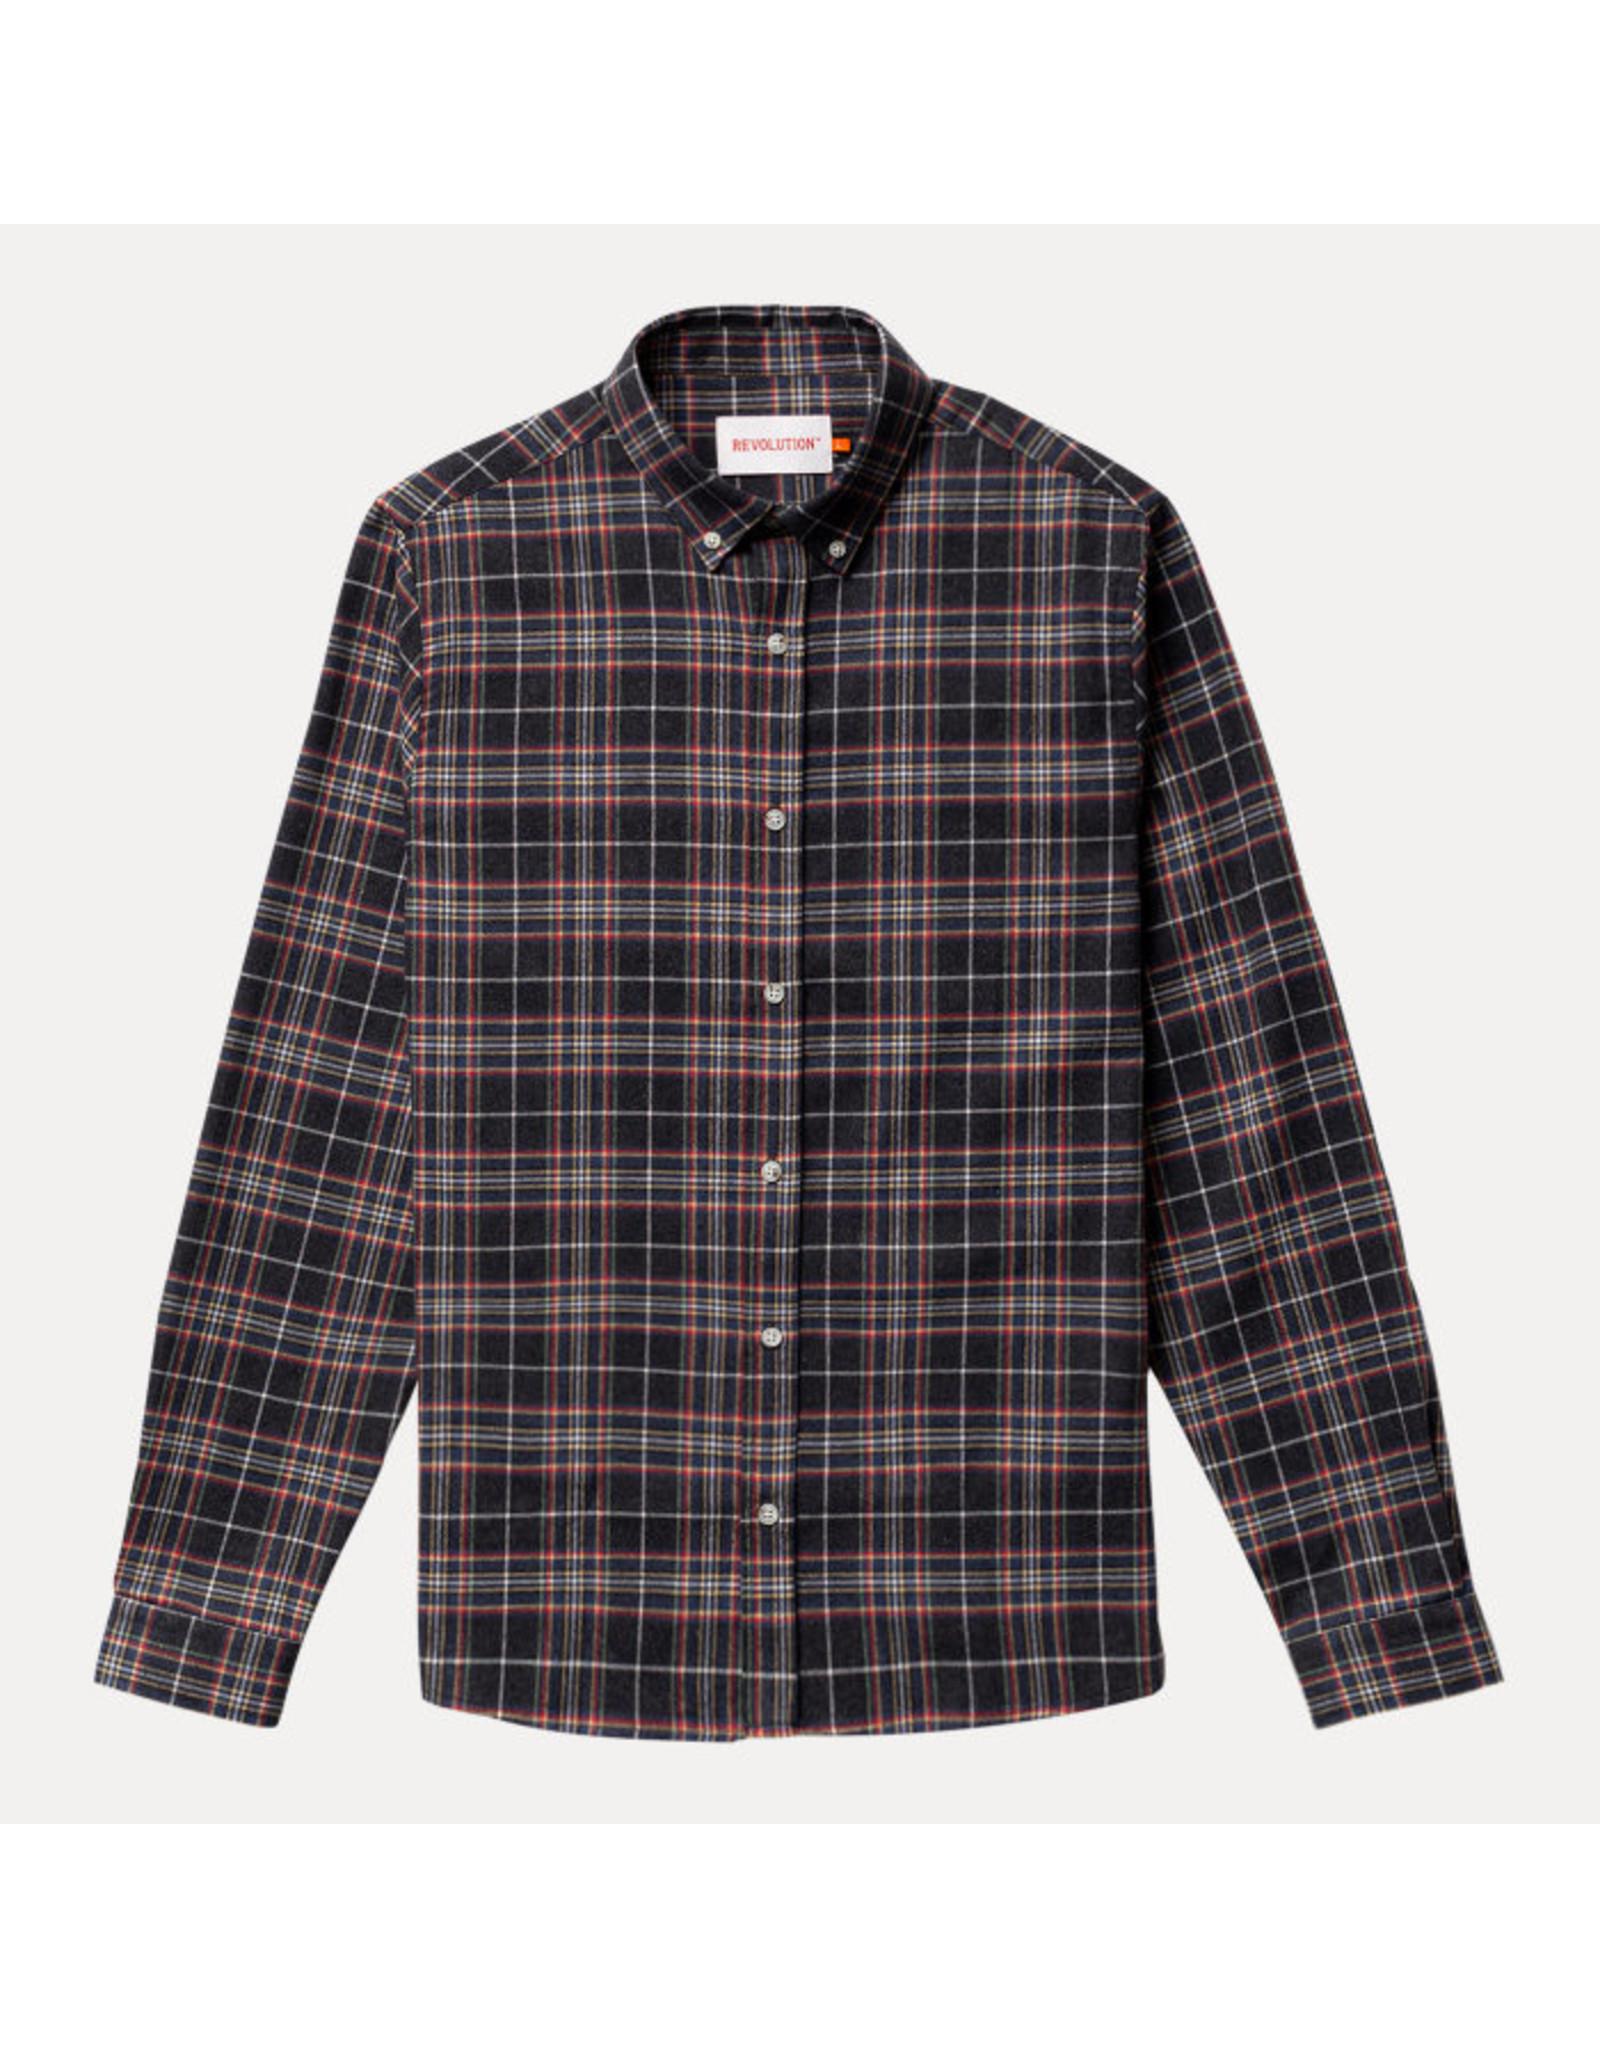 RVLT Revolution RVLT 3775 Checked Shirt - Dark Navy